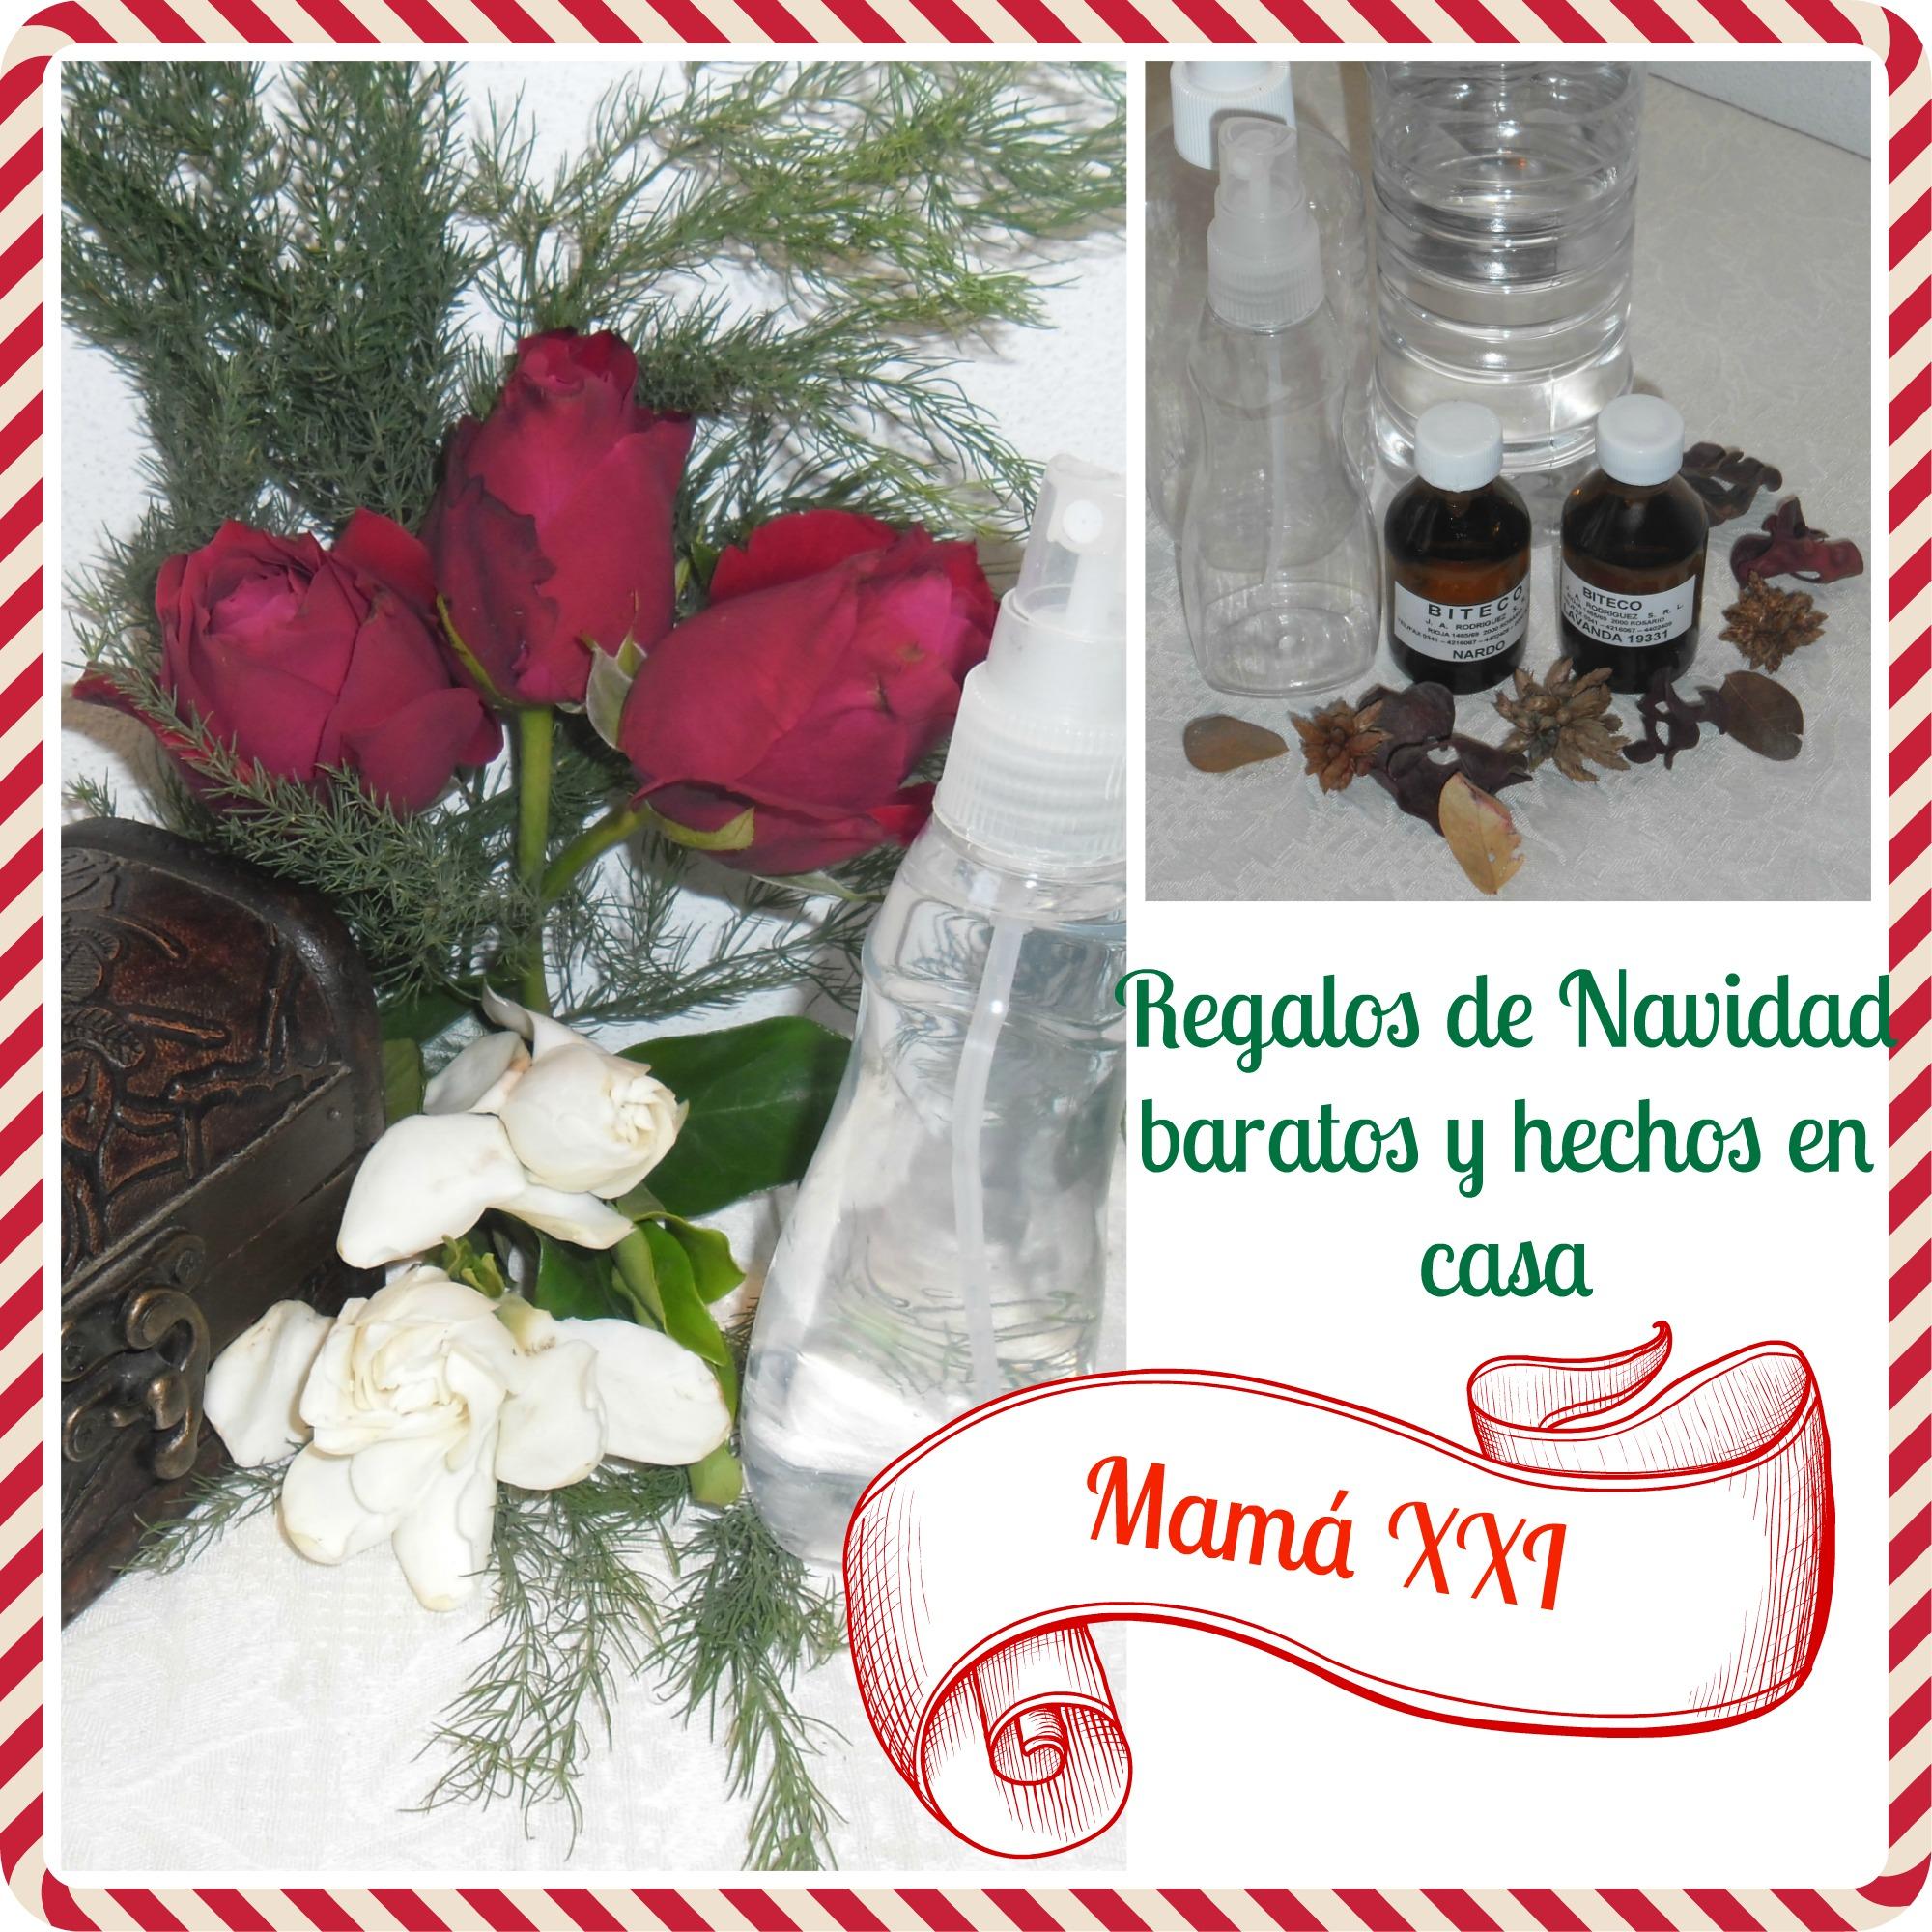 Regalos de navidad baratos y hechos en casa mama xxi - Regalos de navidad para mama ...